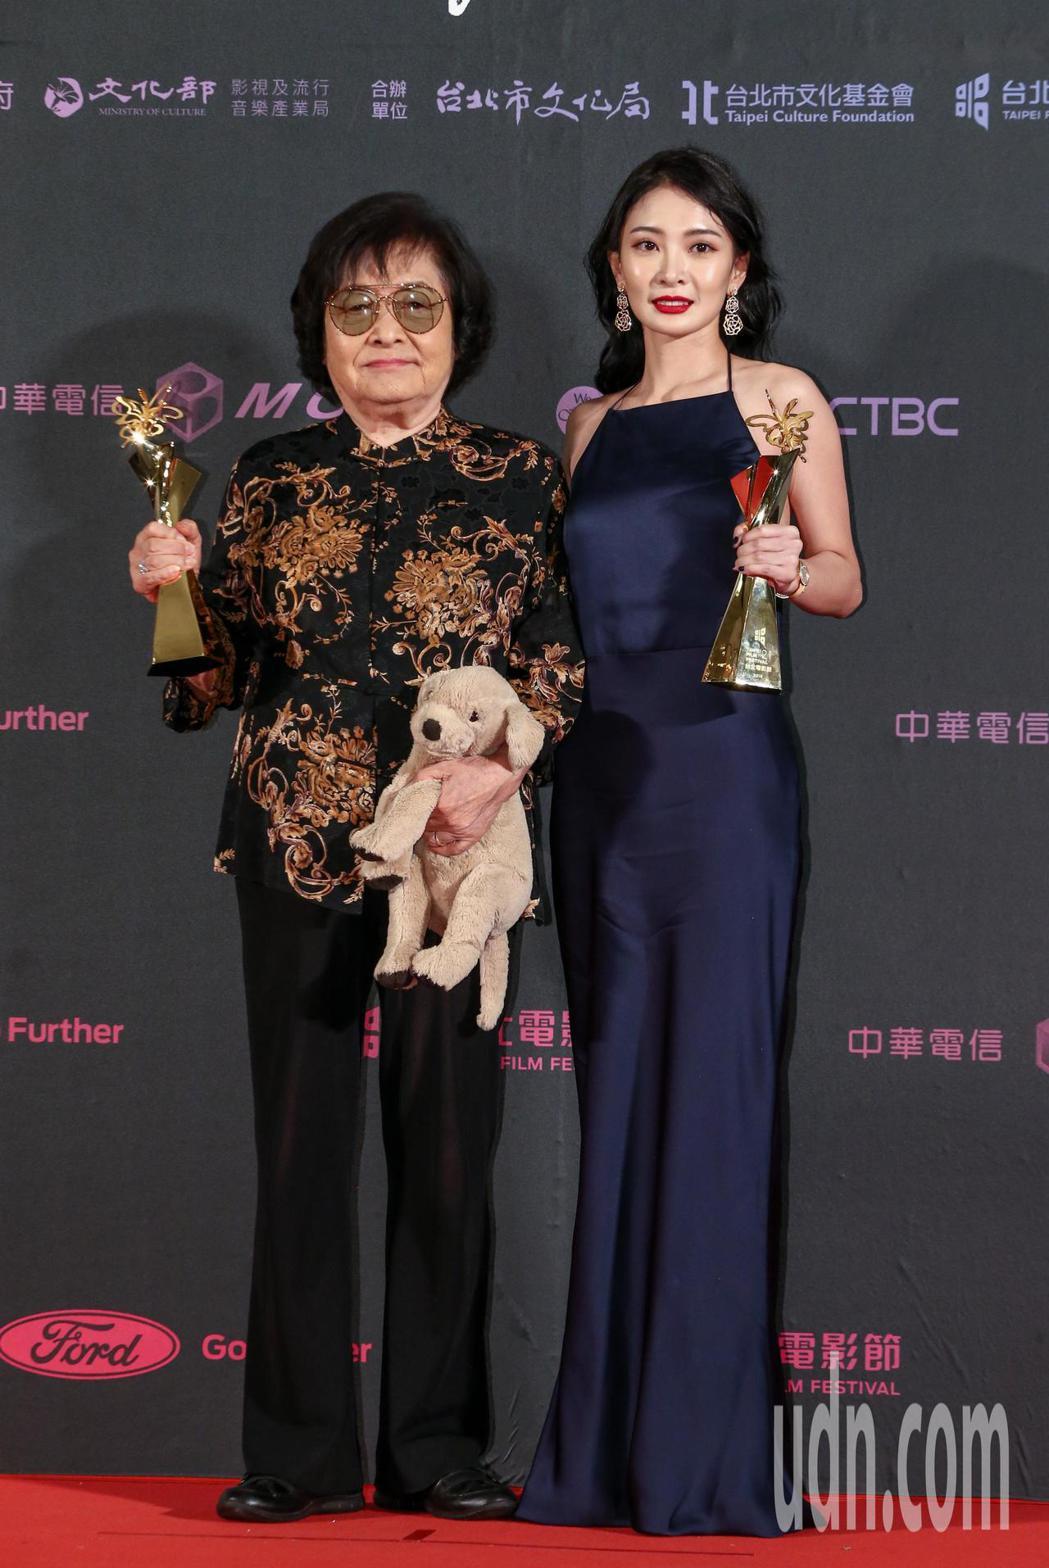 台北電影獎最佳女主角,由短片帶媽媽出去玩女主角劉引商(左),與劇情長片野雀之詩女...